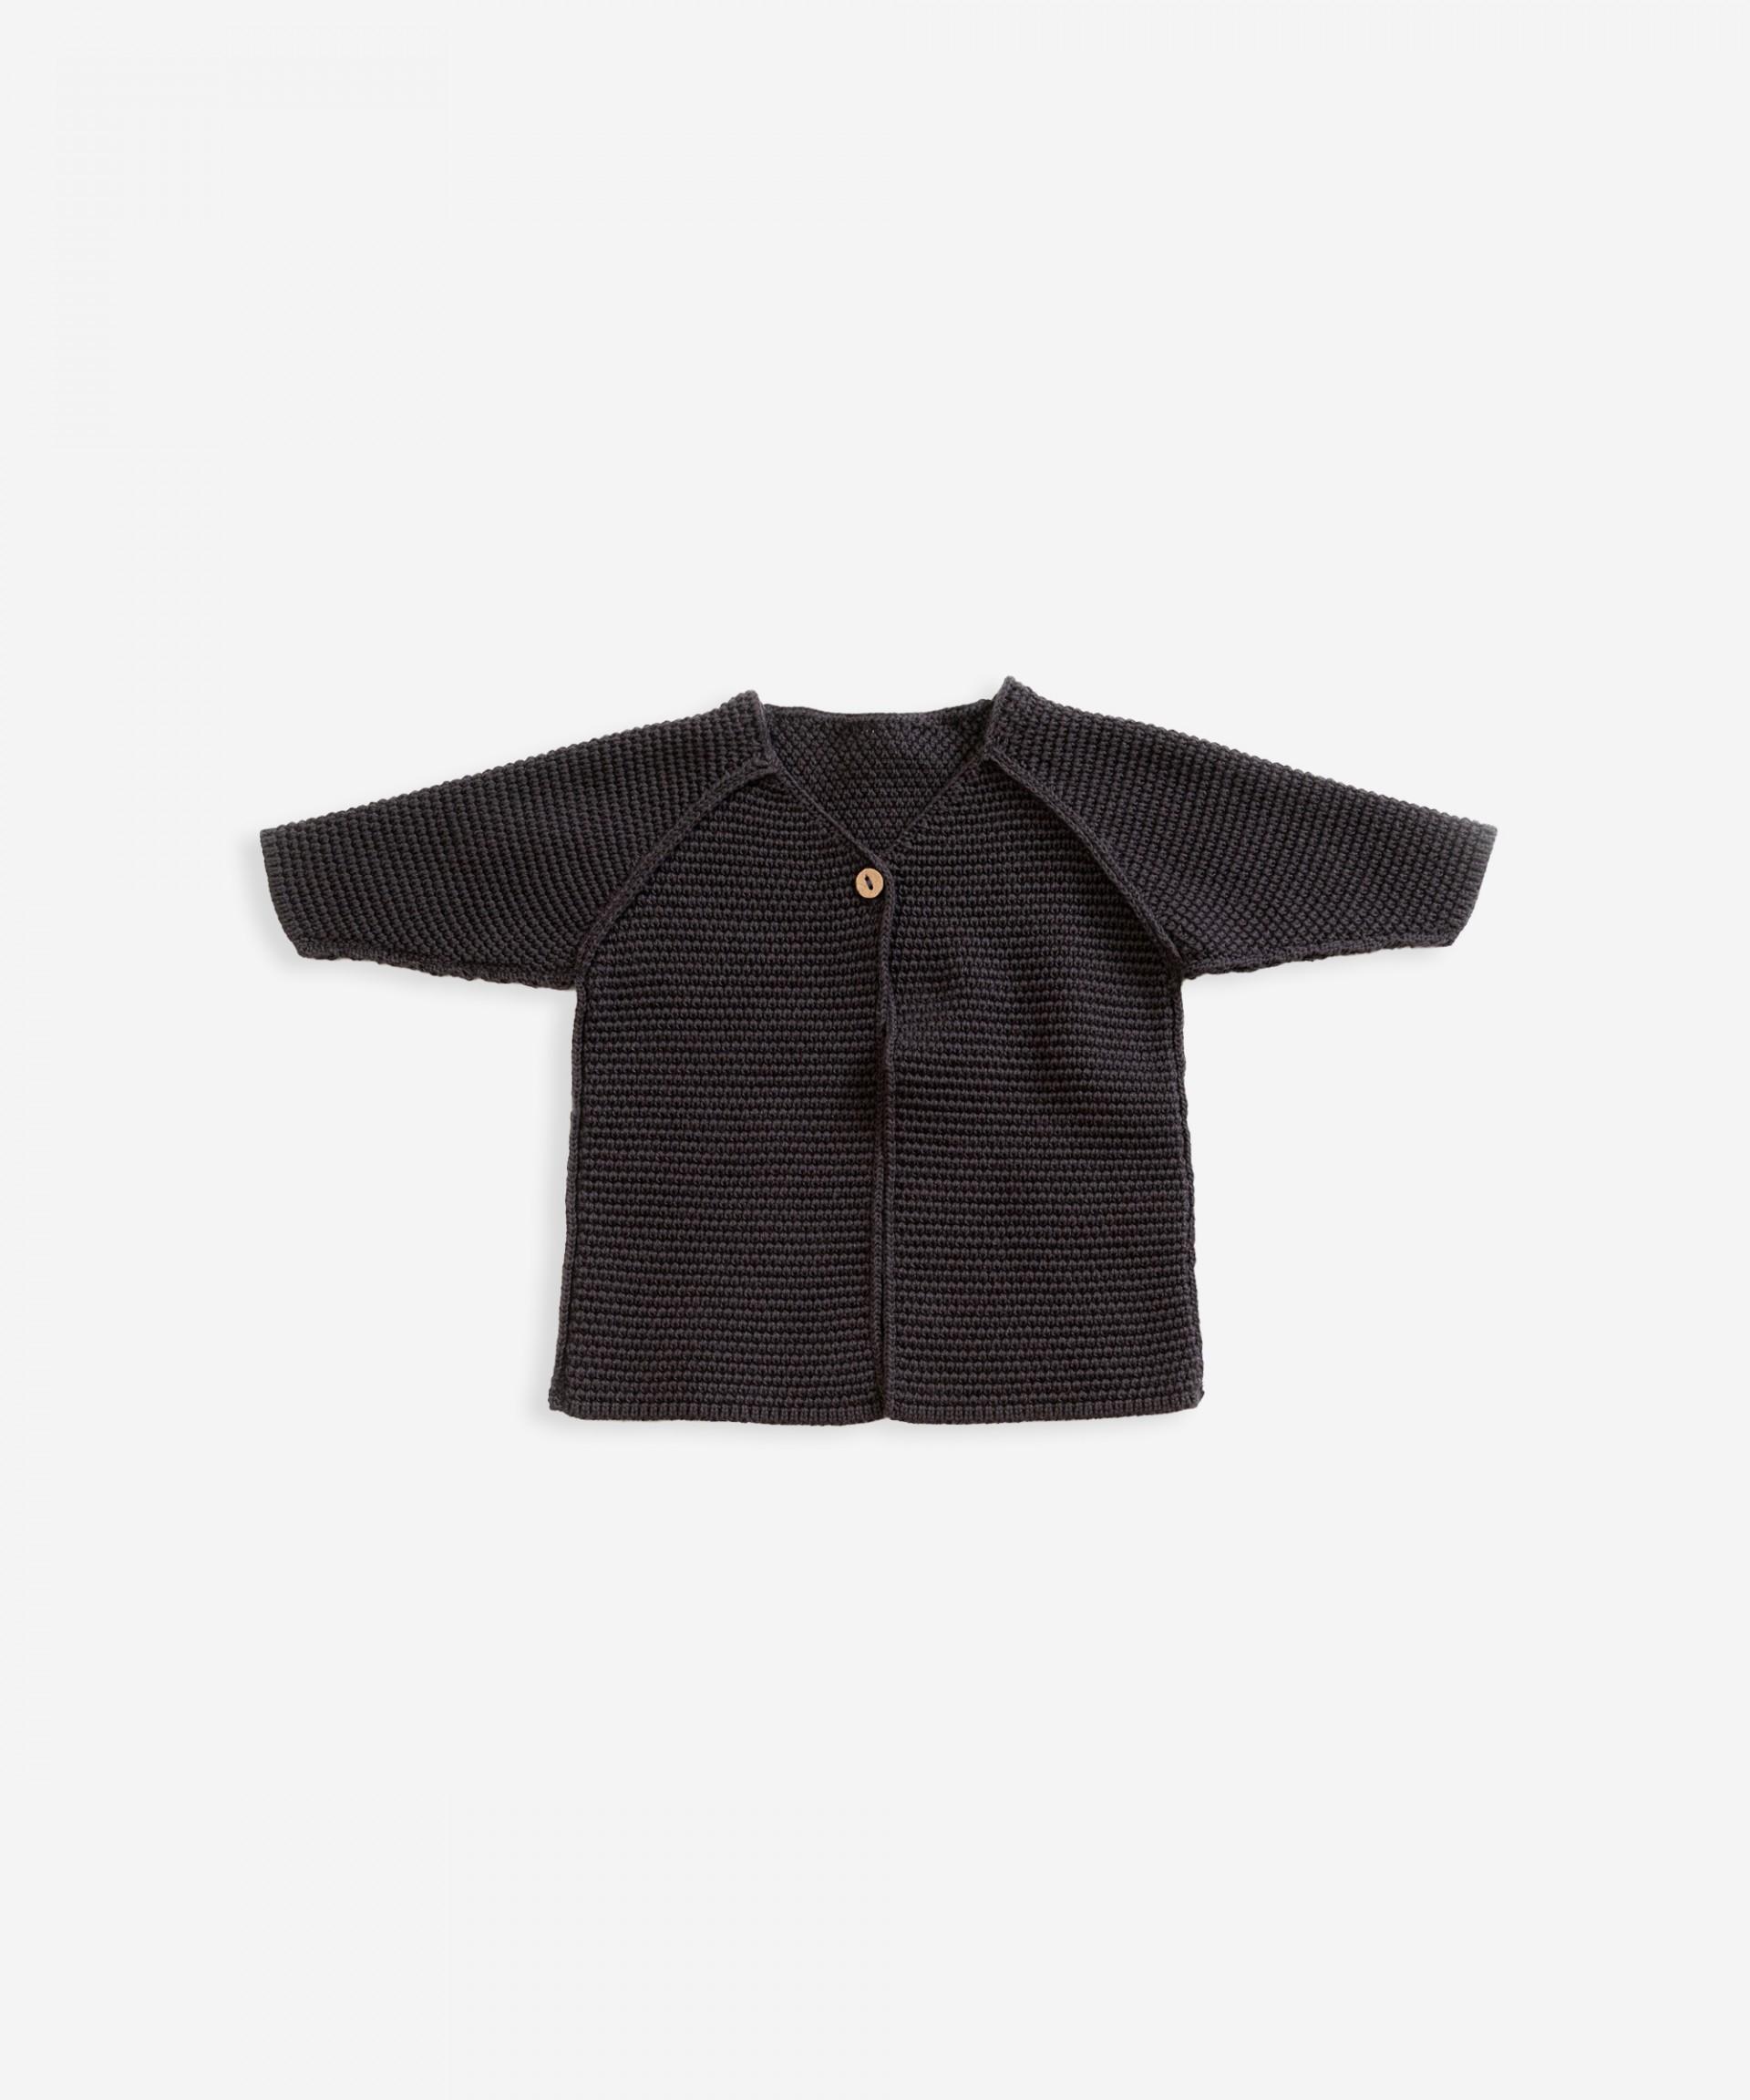 Casaco tricot em algodão orgânico | Weaving